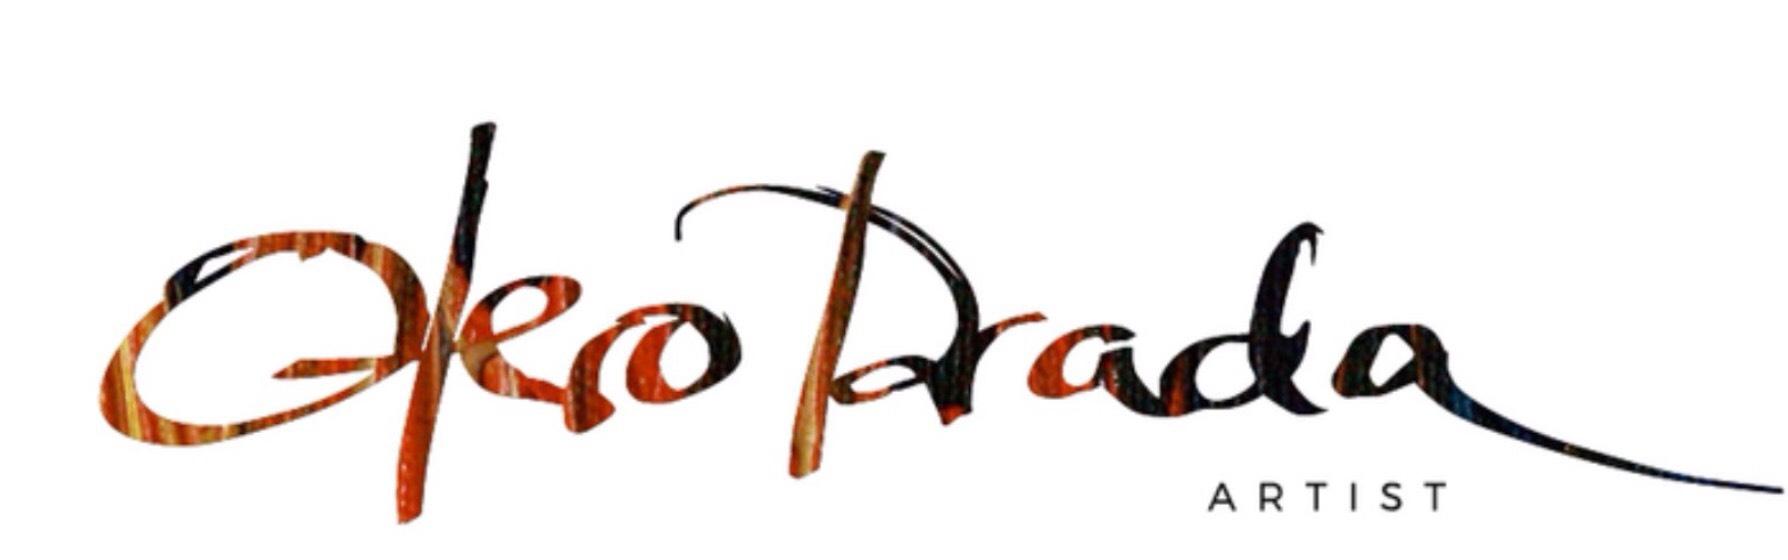 otero prada's Signature